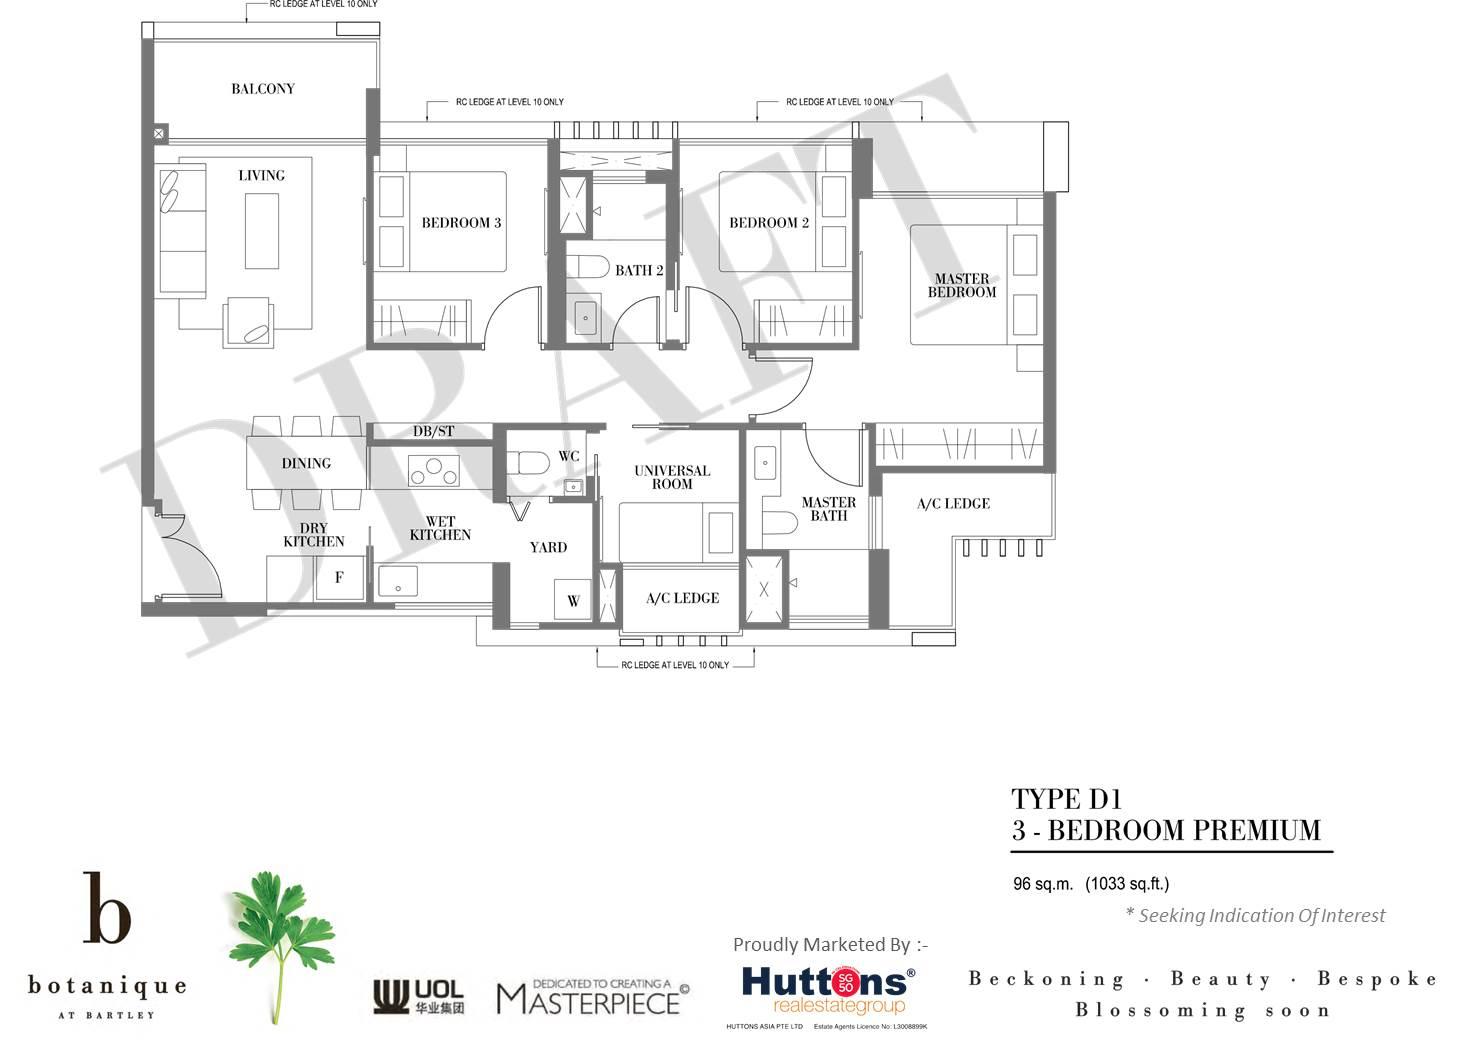 Botanique Bartley floor plans botanique @ bartley Botanique @ Bartley By UOL  Showflat Hotline +65 61007122  Bartley MRT 54ec29b5cead12015 02 24 03 35 17